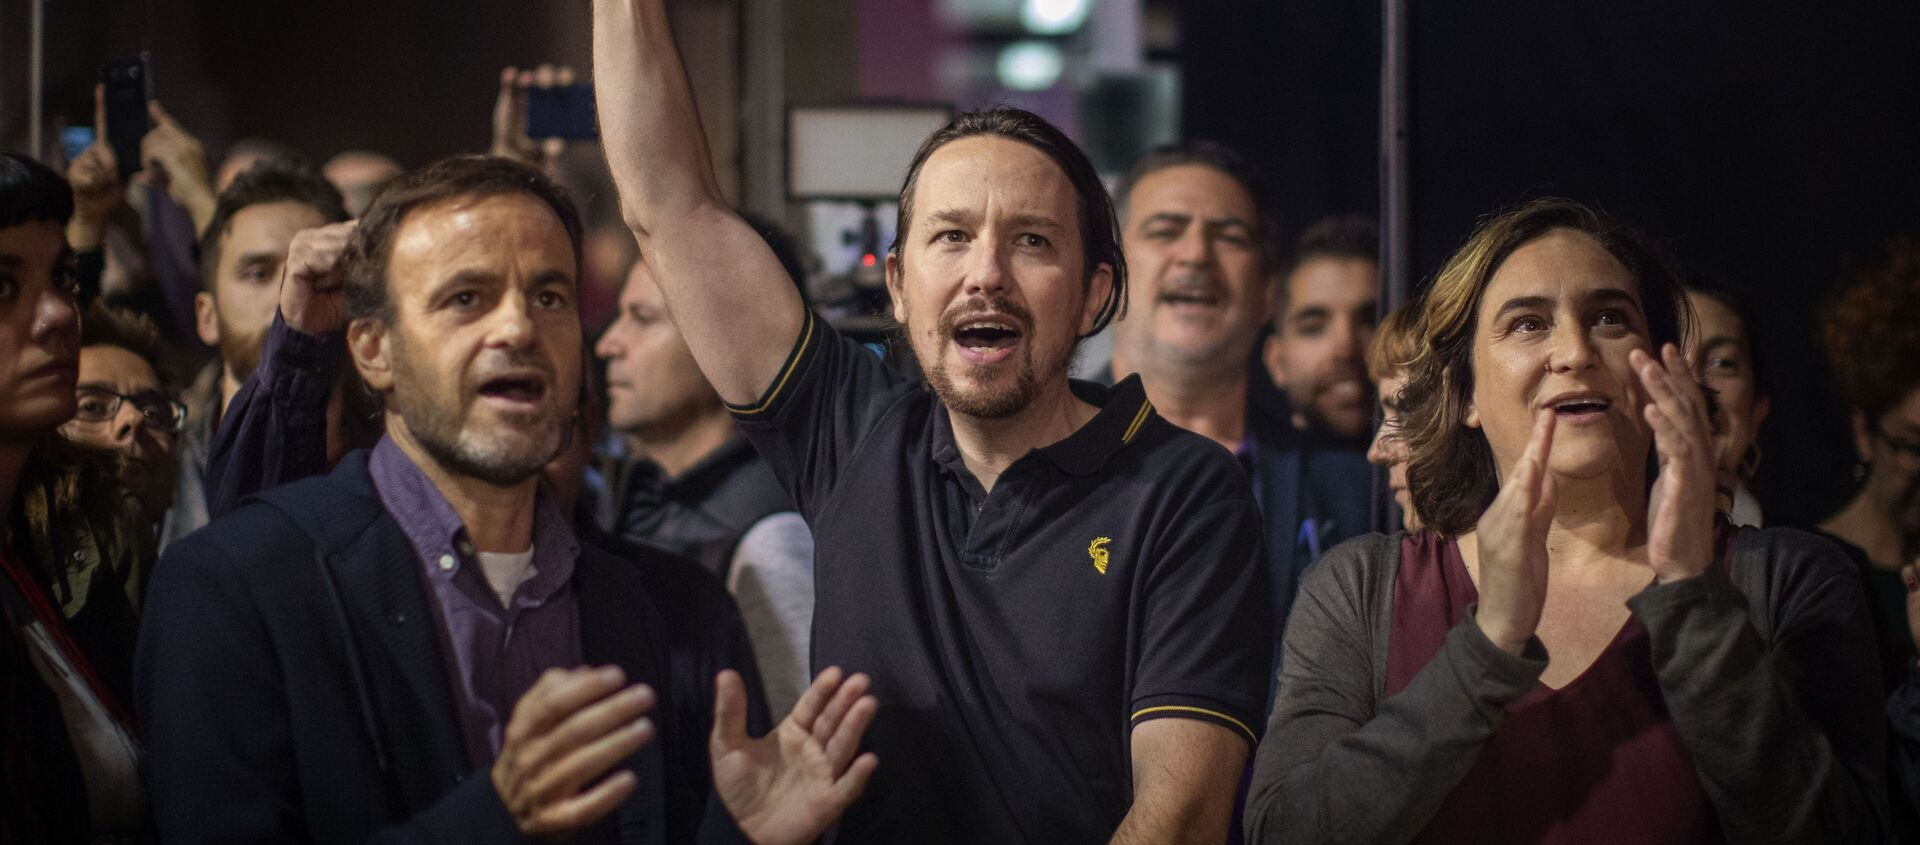 Dirigentes de Unidas Podemos. Barcelona, noviembre 2019 - Sputnik Mundo, 1920, 28.07.2020